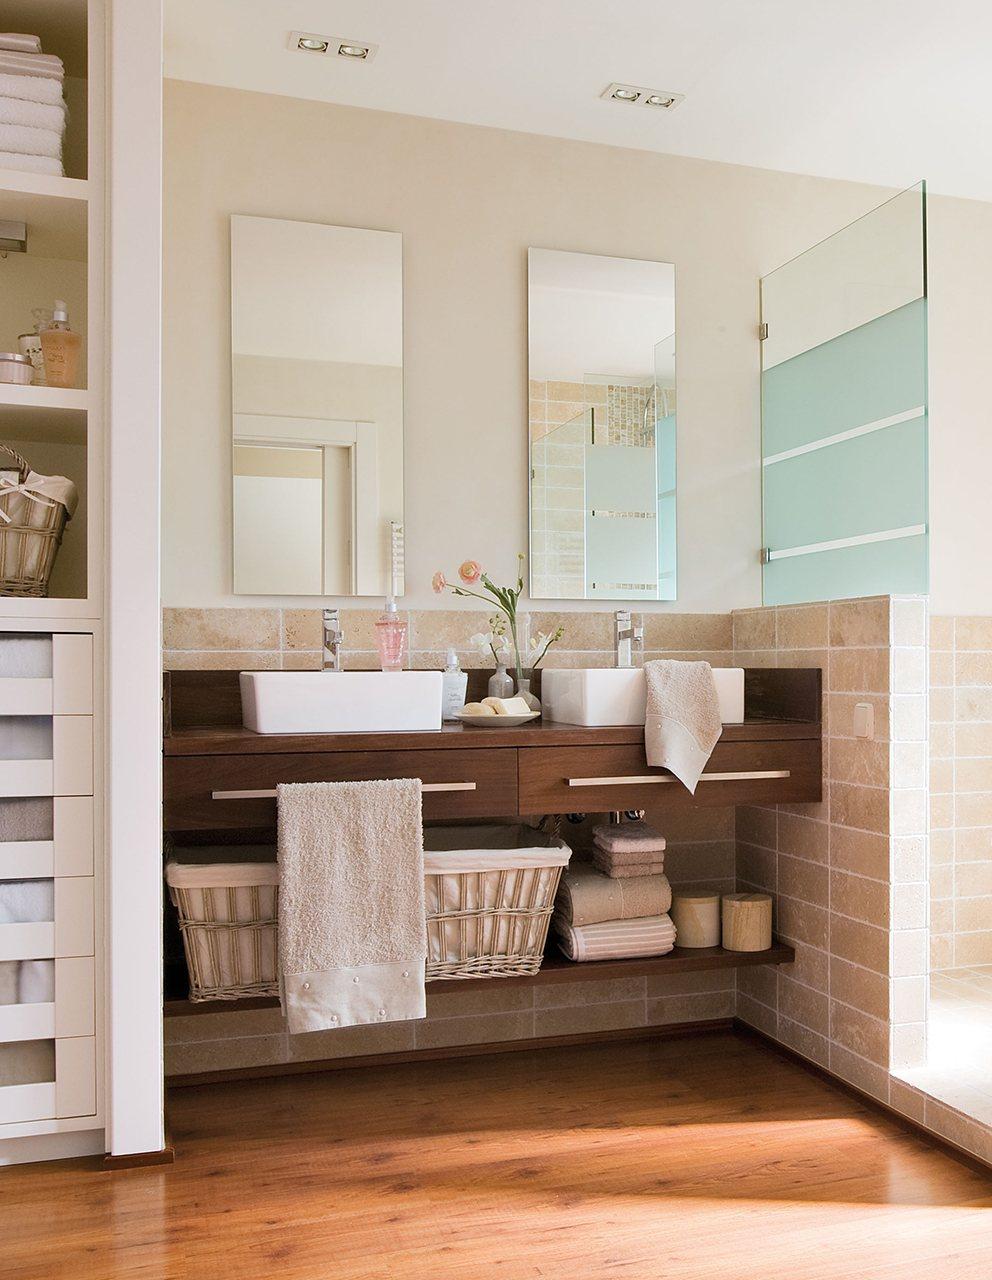 Lavabos Dobles Para Baño:Cómo conseguir un baño iluminado